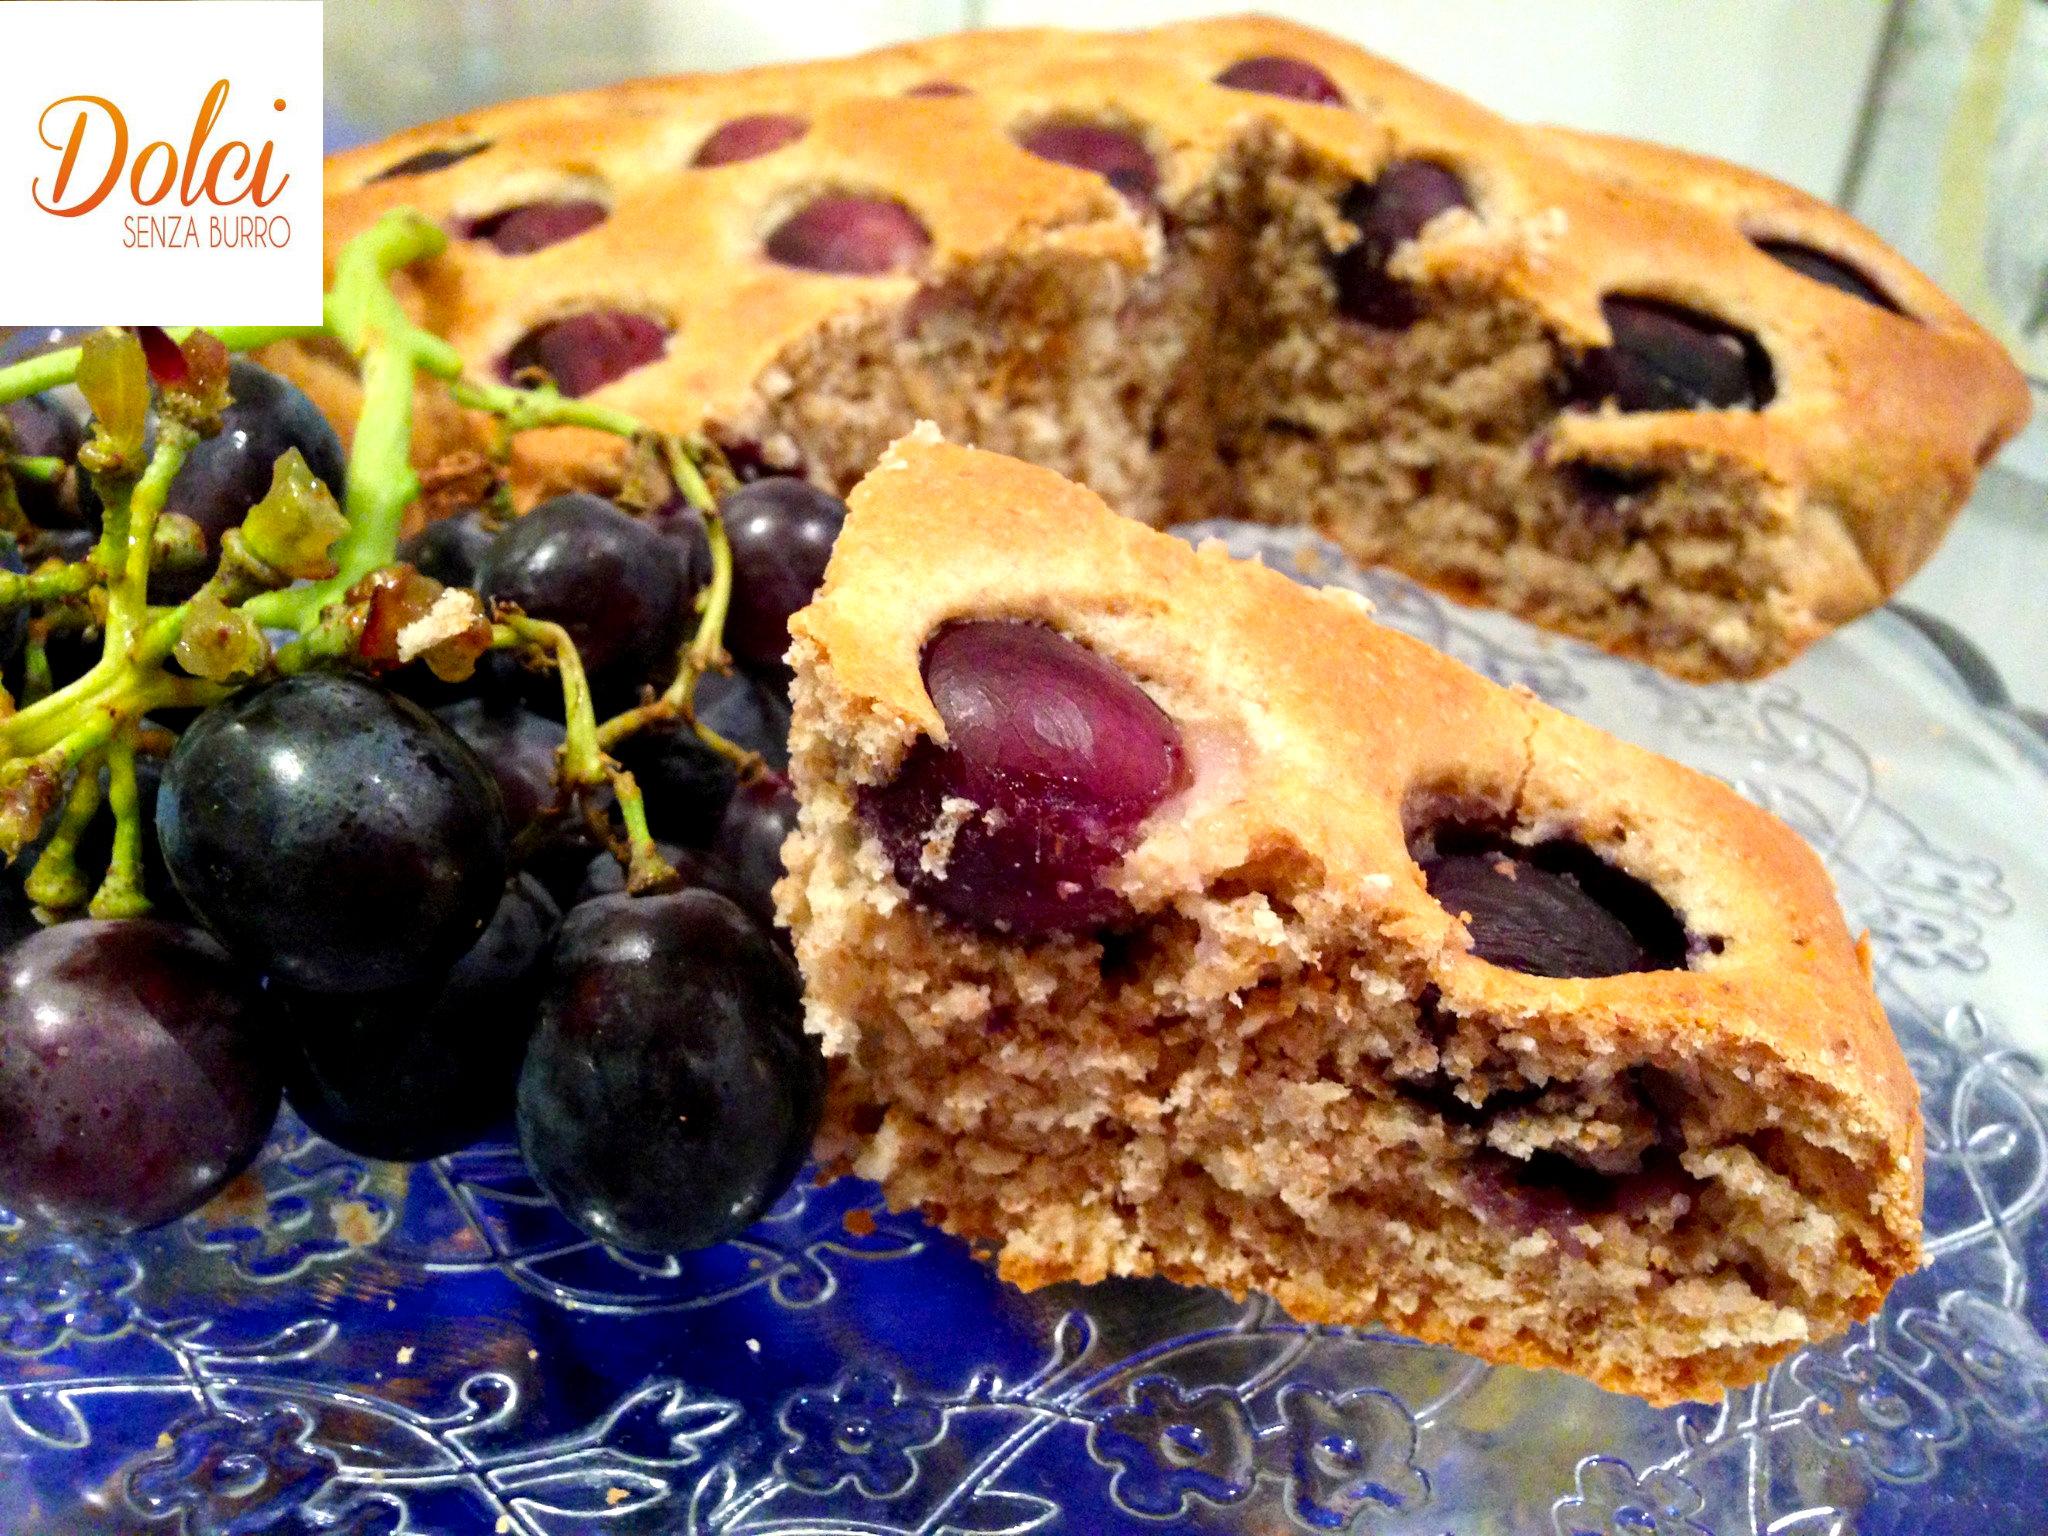 La torta con uva senza burro e uova, il dolce con farina integrale leggero e genuino di dolci senza burro